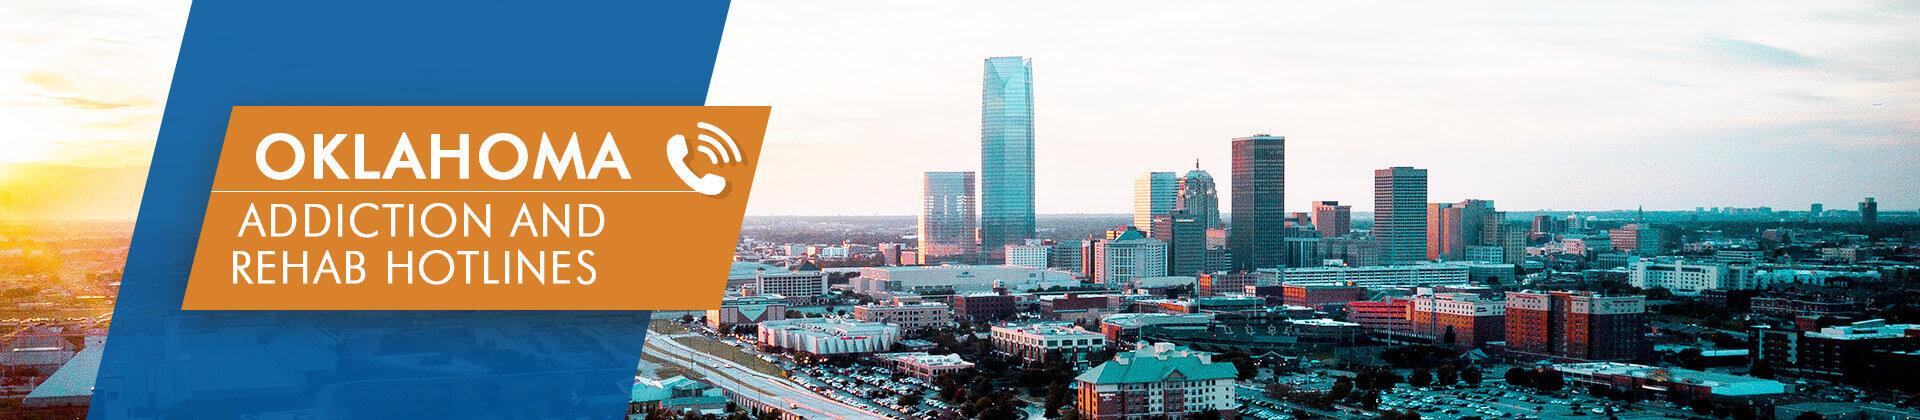 Oklahoma addiction and rehab hotlines